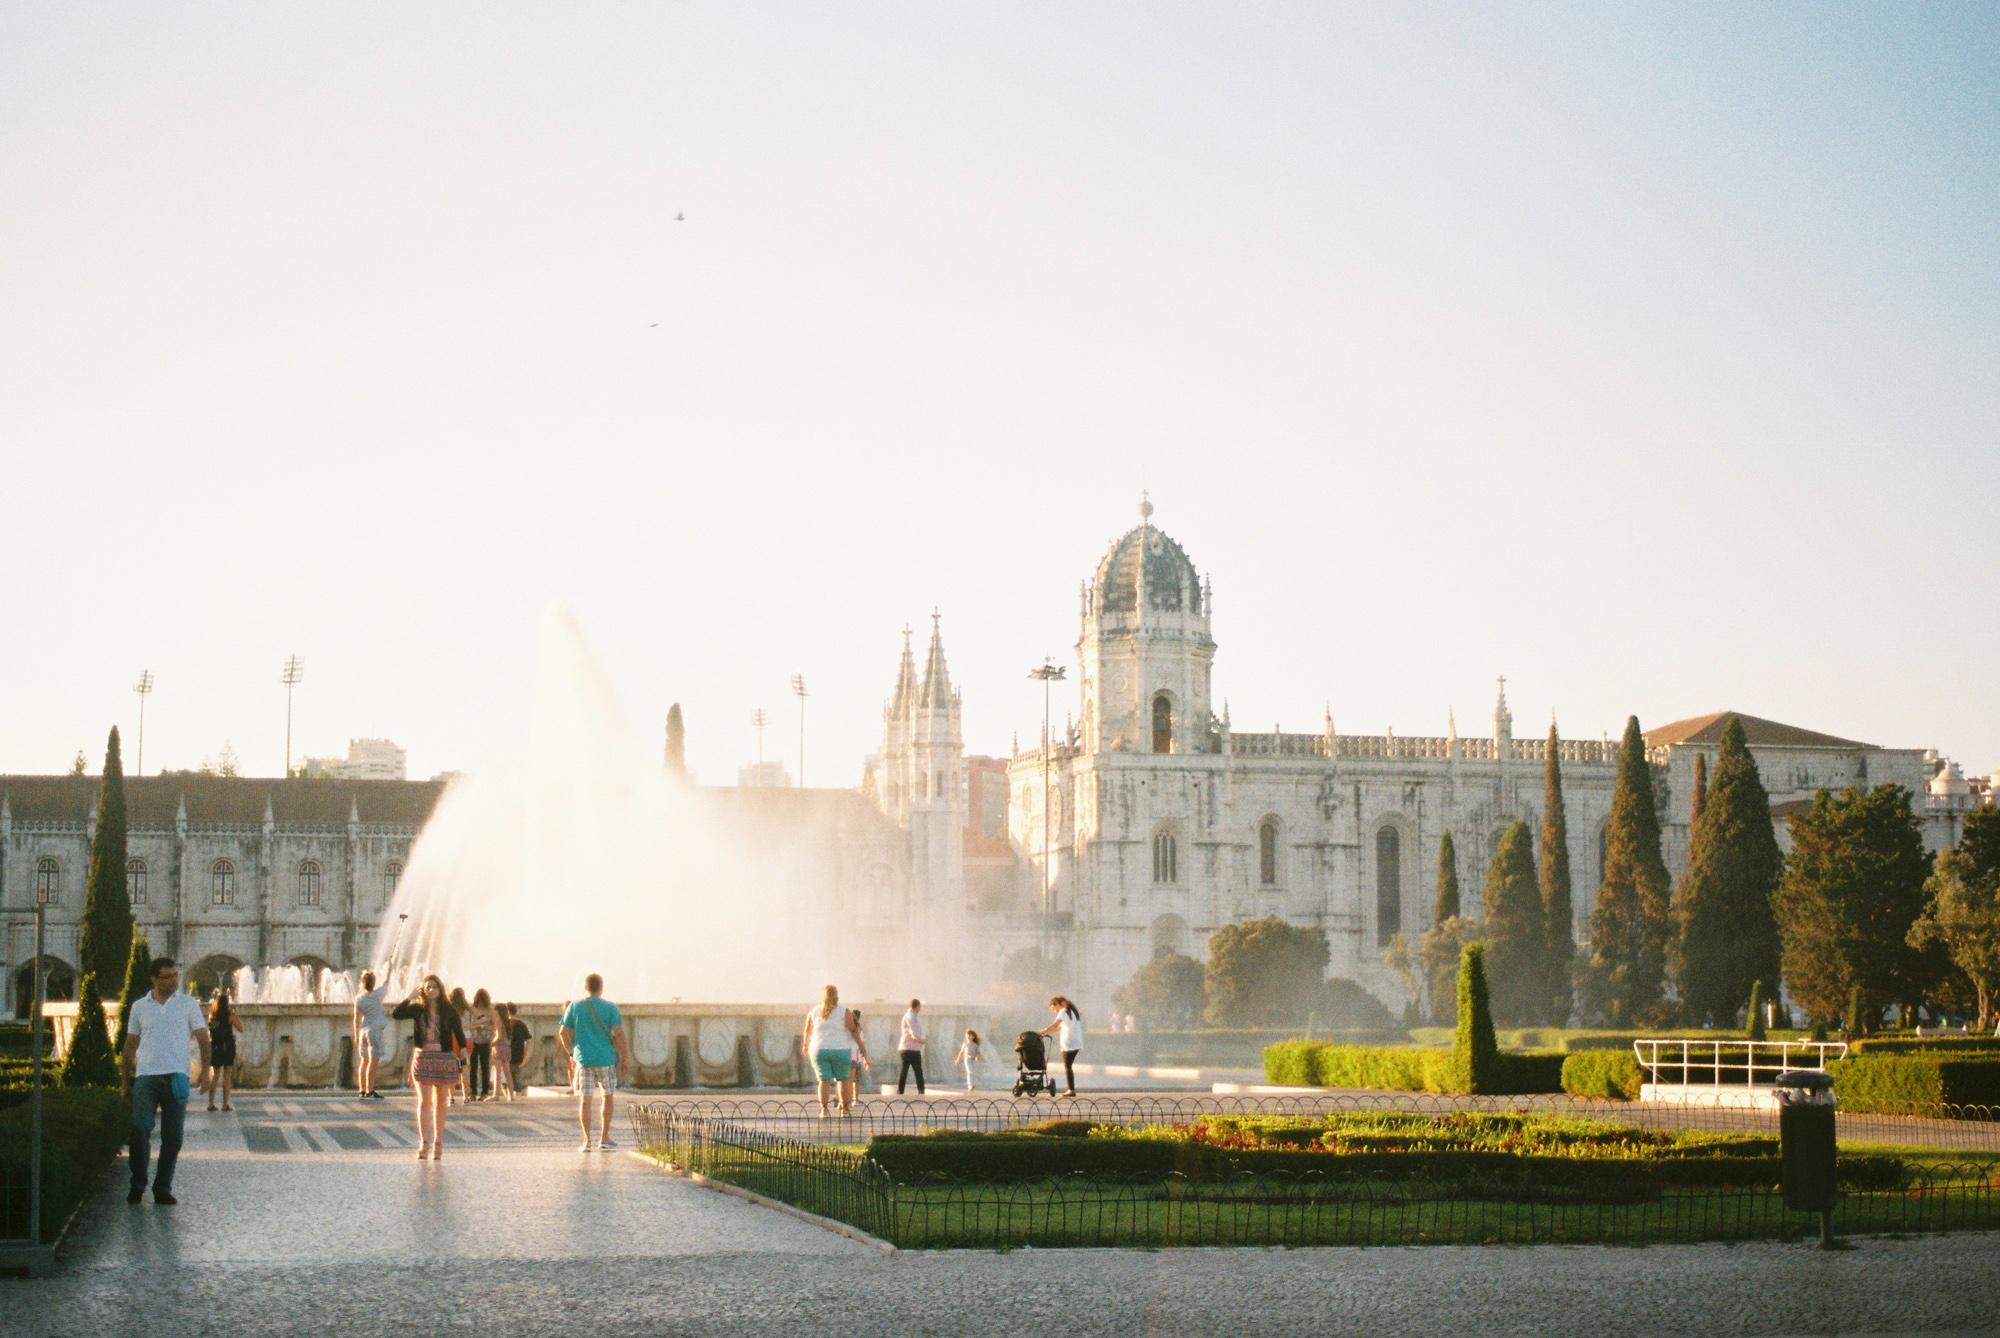 Fotografia-Analogica-Lisboa-Filme-Oceanica-12.jpg